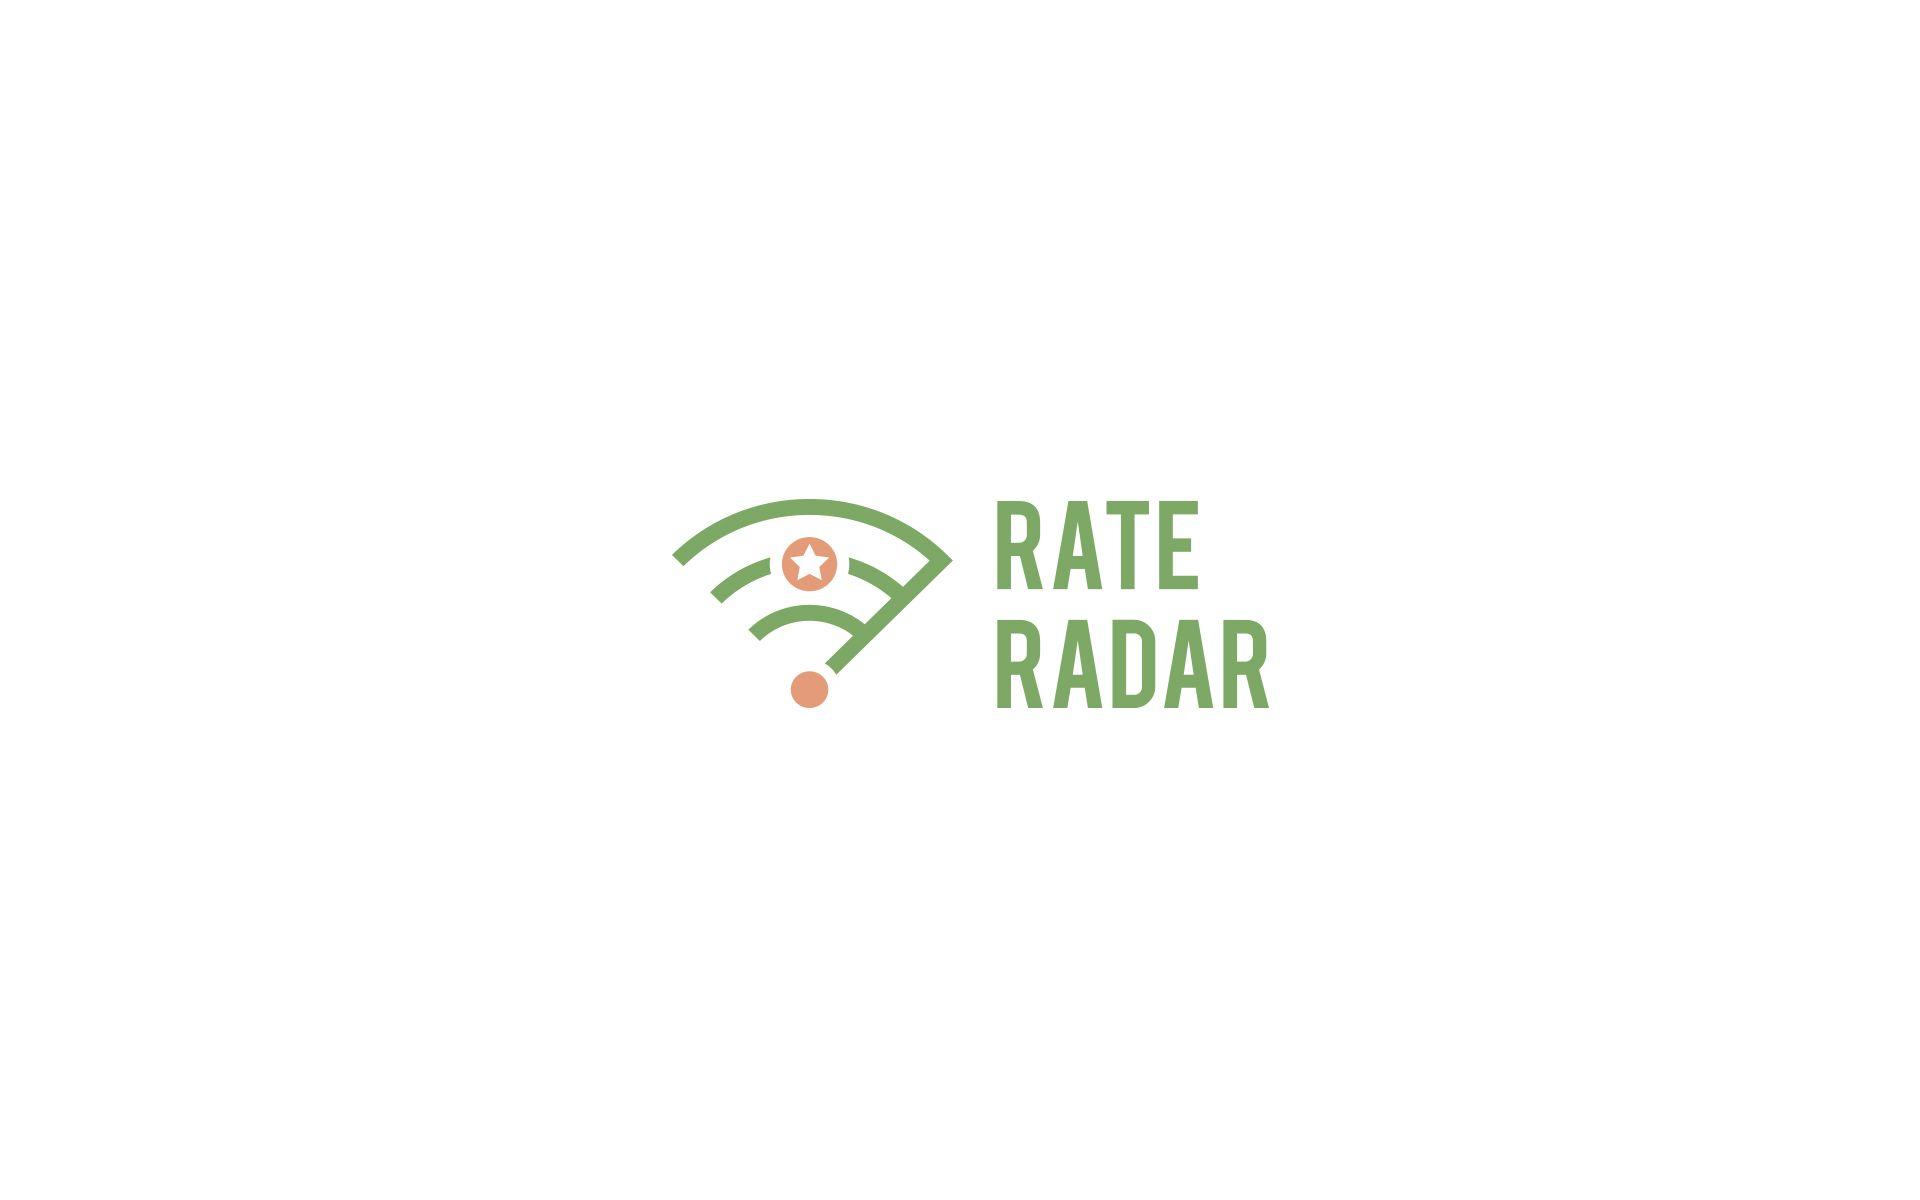 Фирменный стиль + лого для Rate Radar - дизайнер U4po4mak